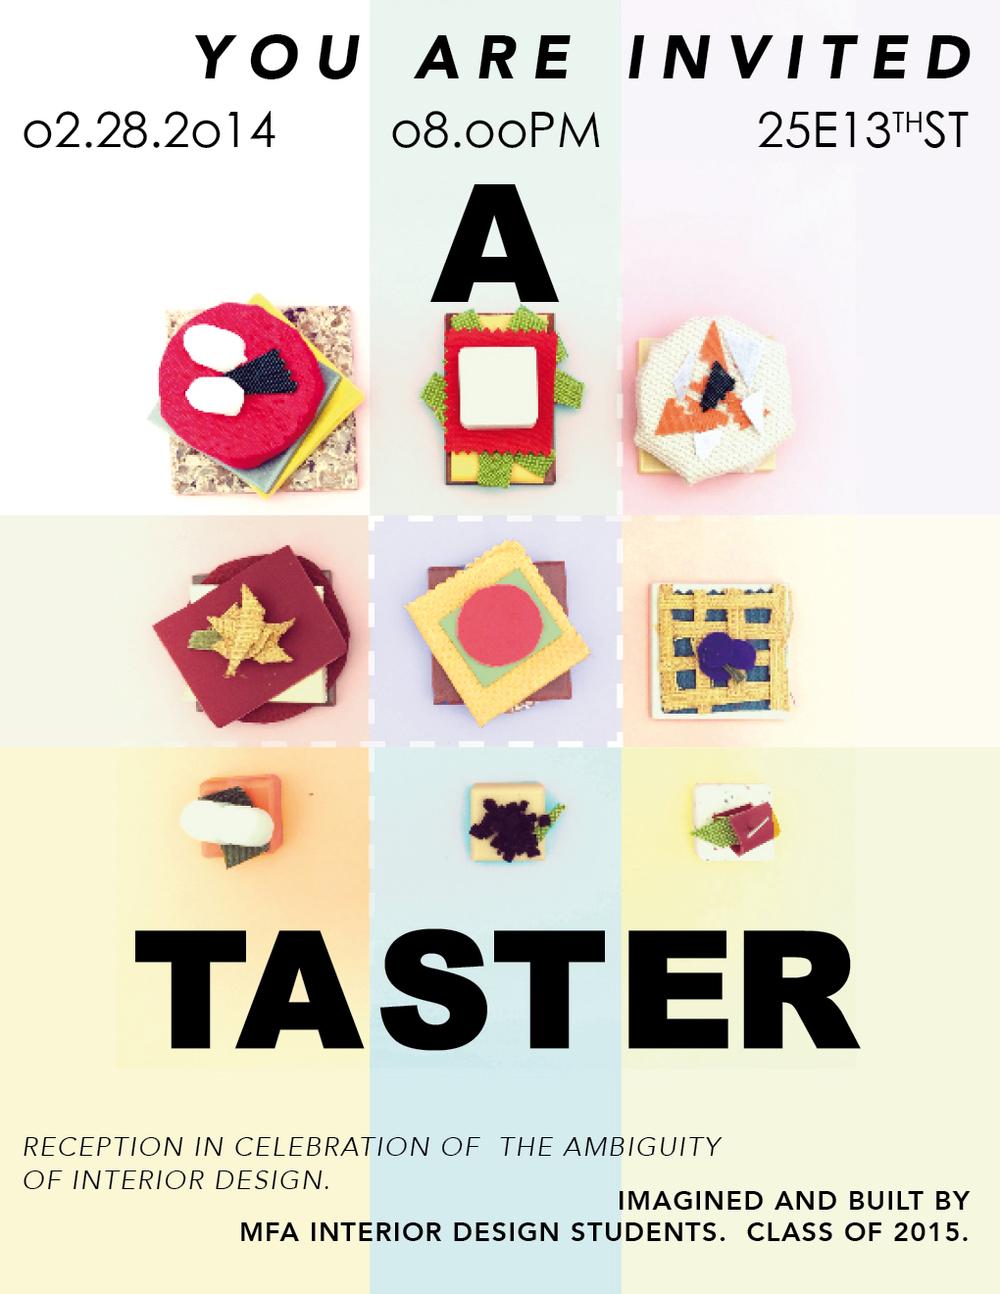 ATASTER_Invite.jpg